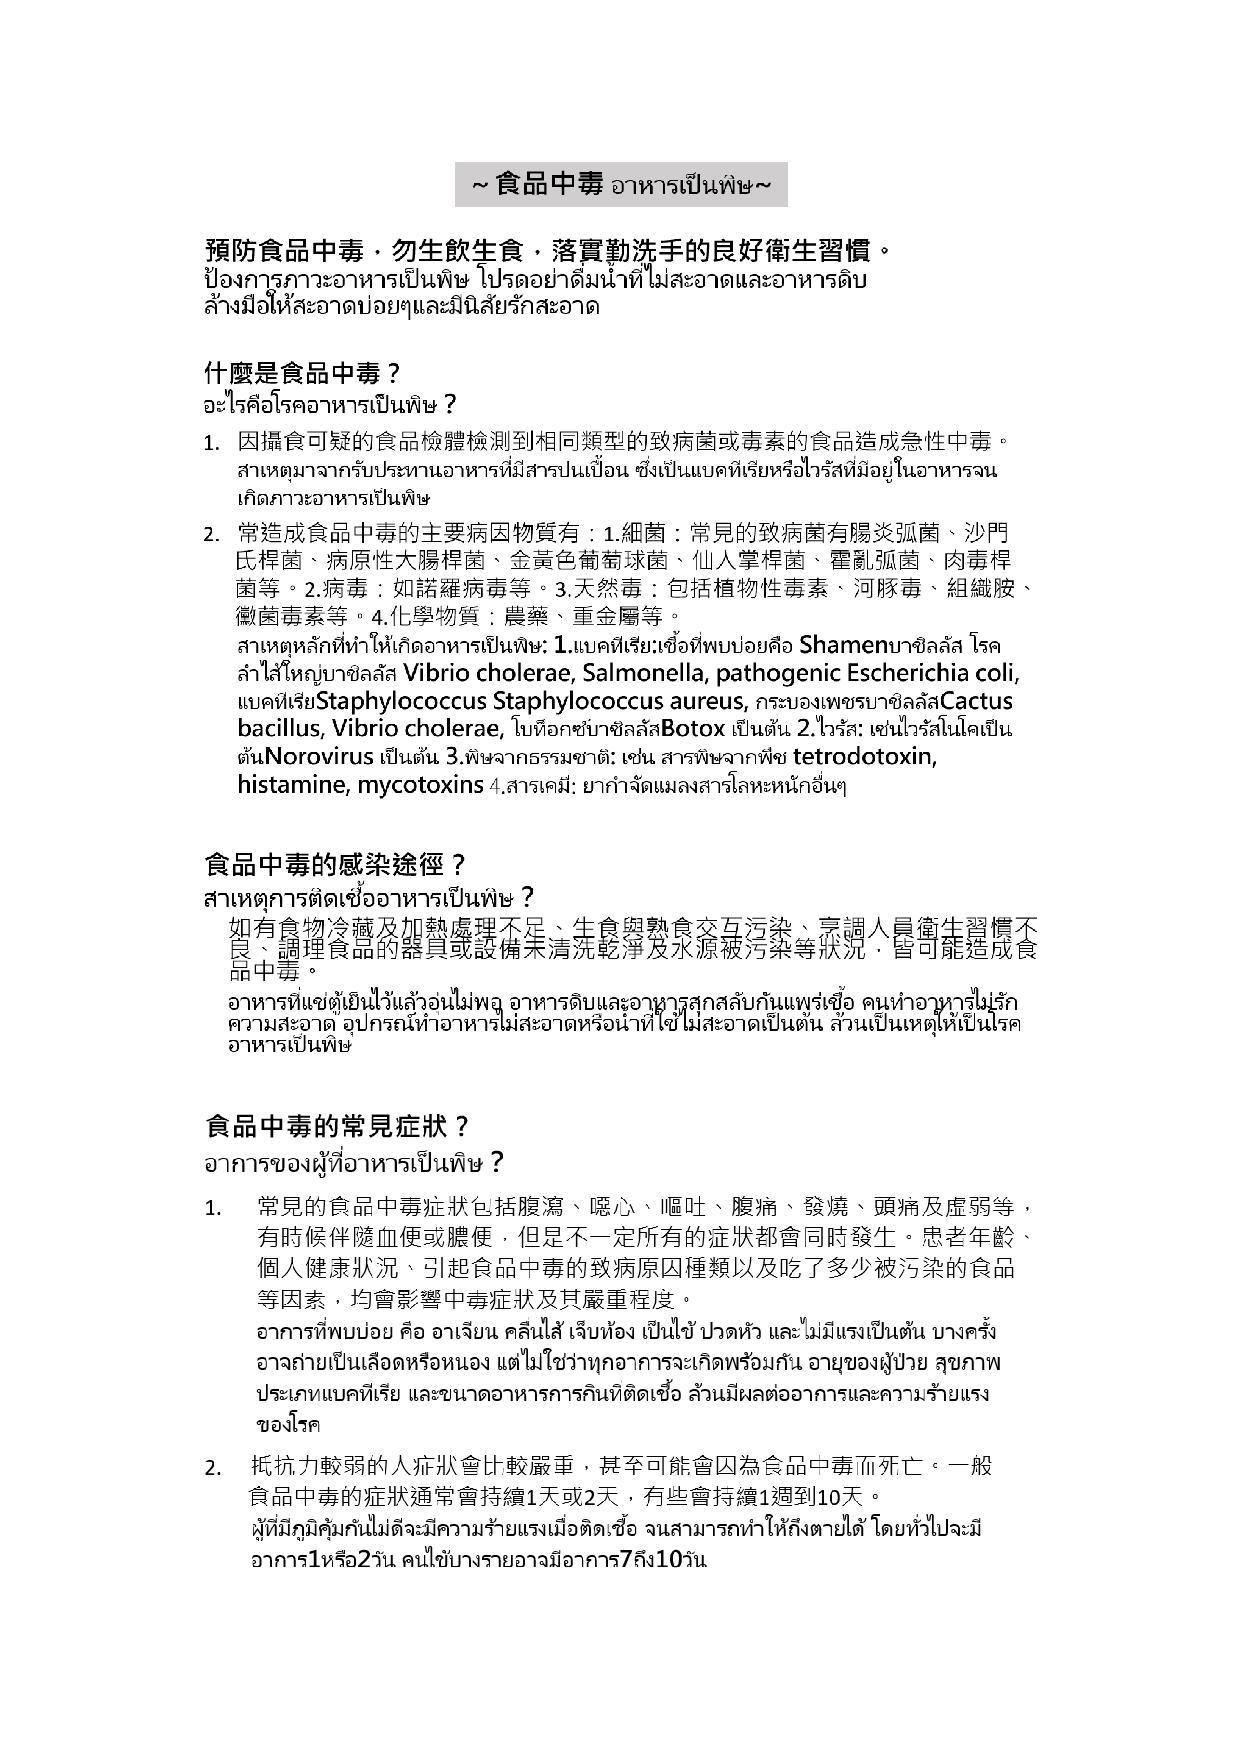 詳如附件【คลิก】ป้องการภาวะอาหารเป็นพิษ(หน้า 1)預防食品中毒(泰文)